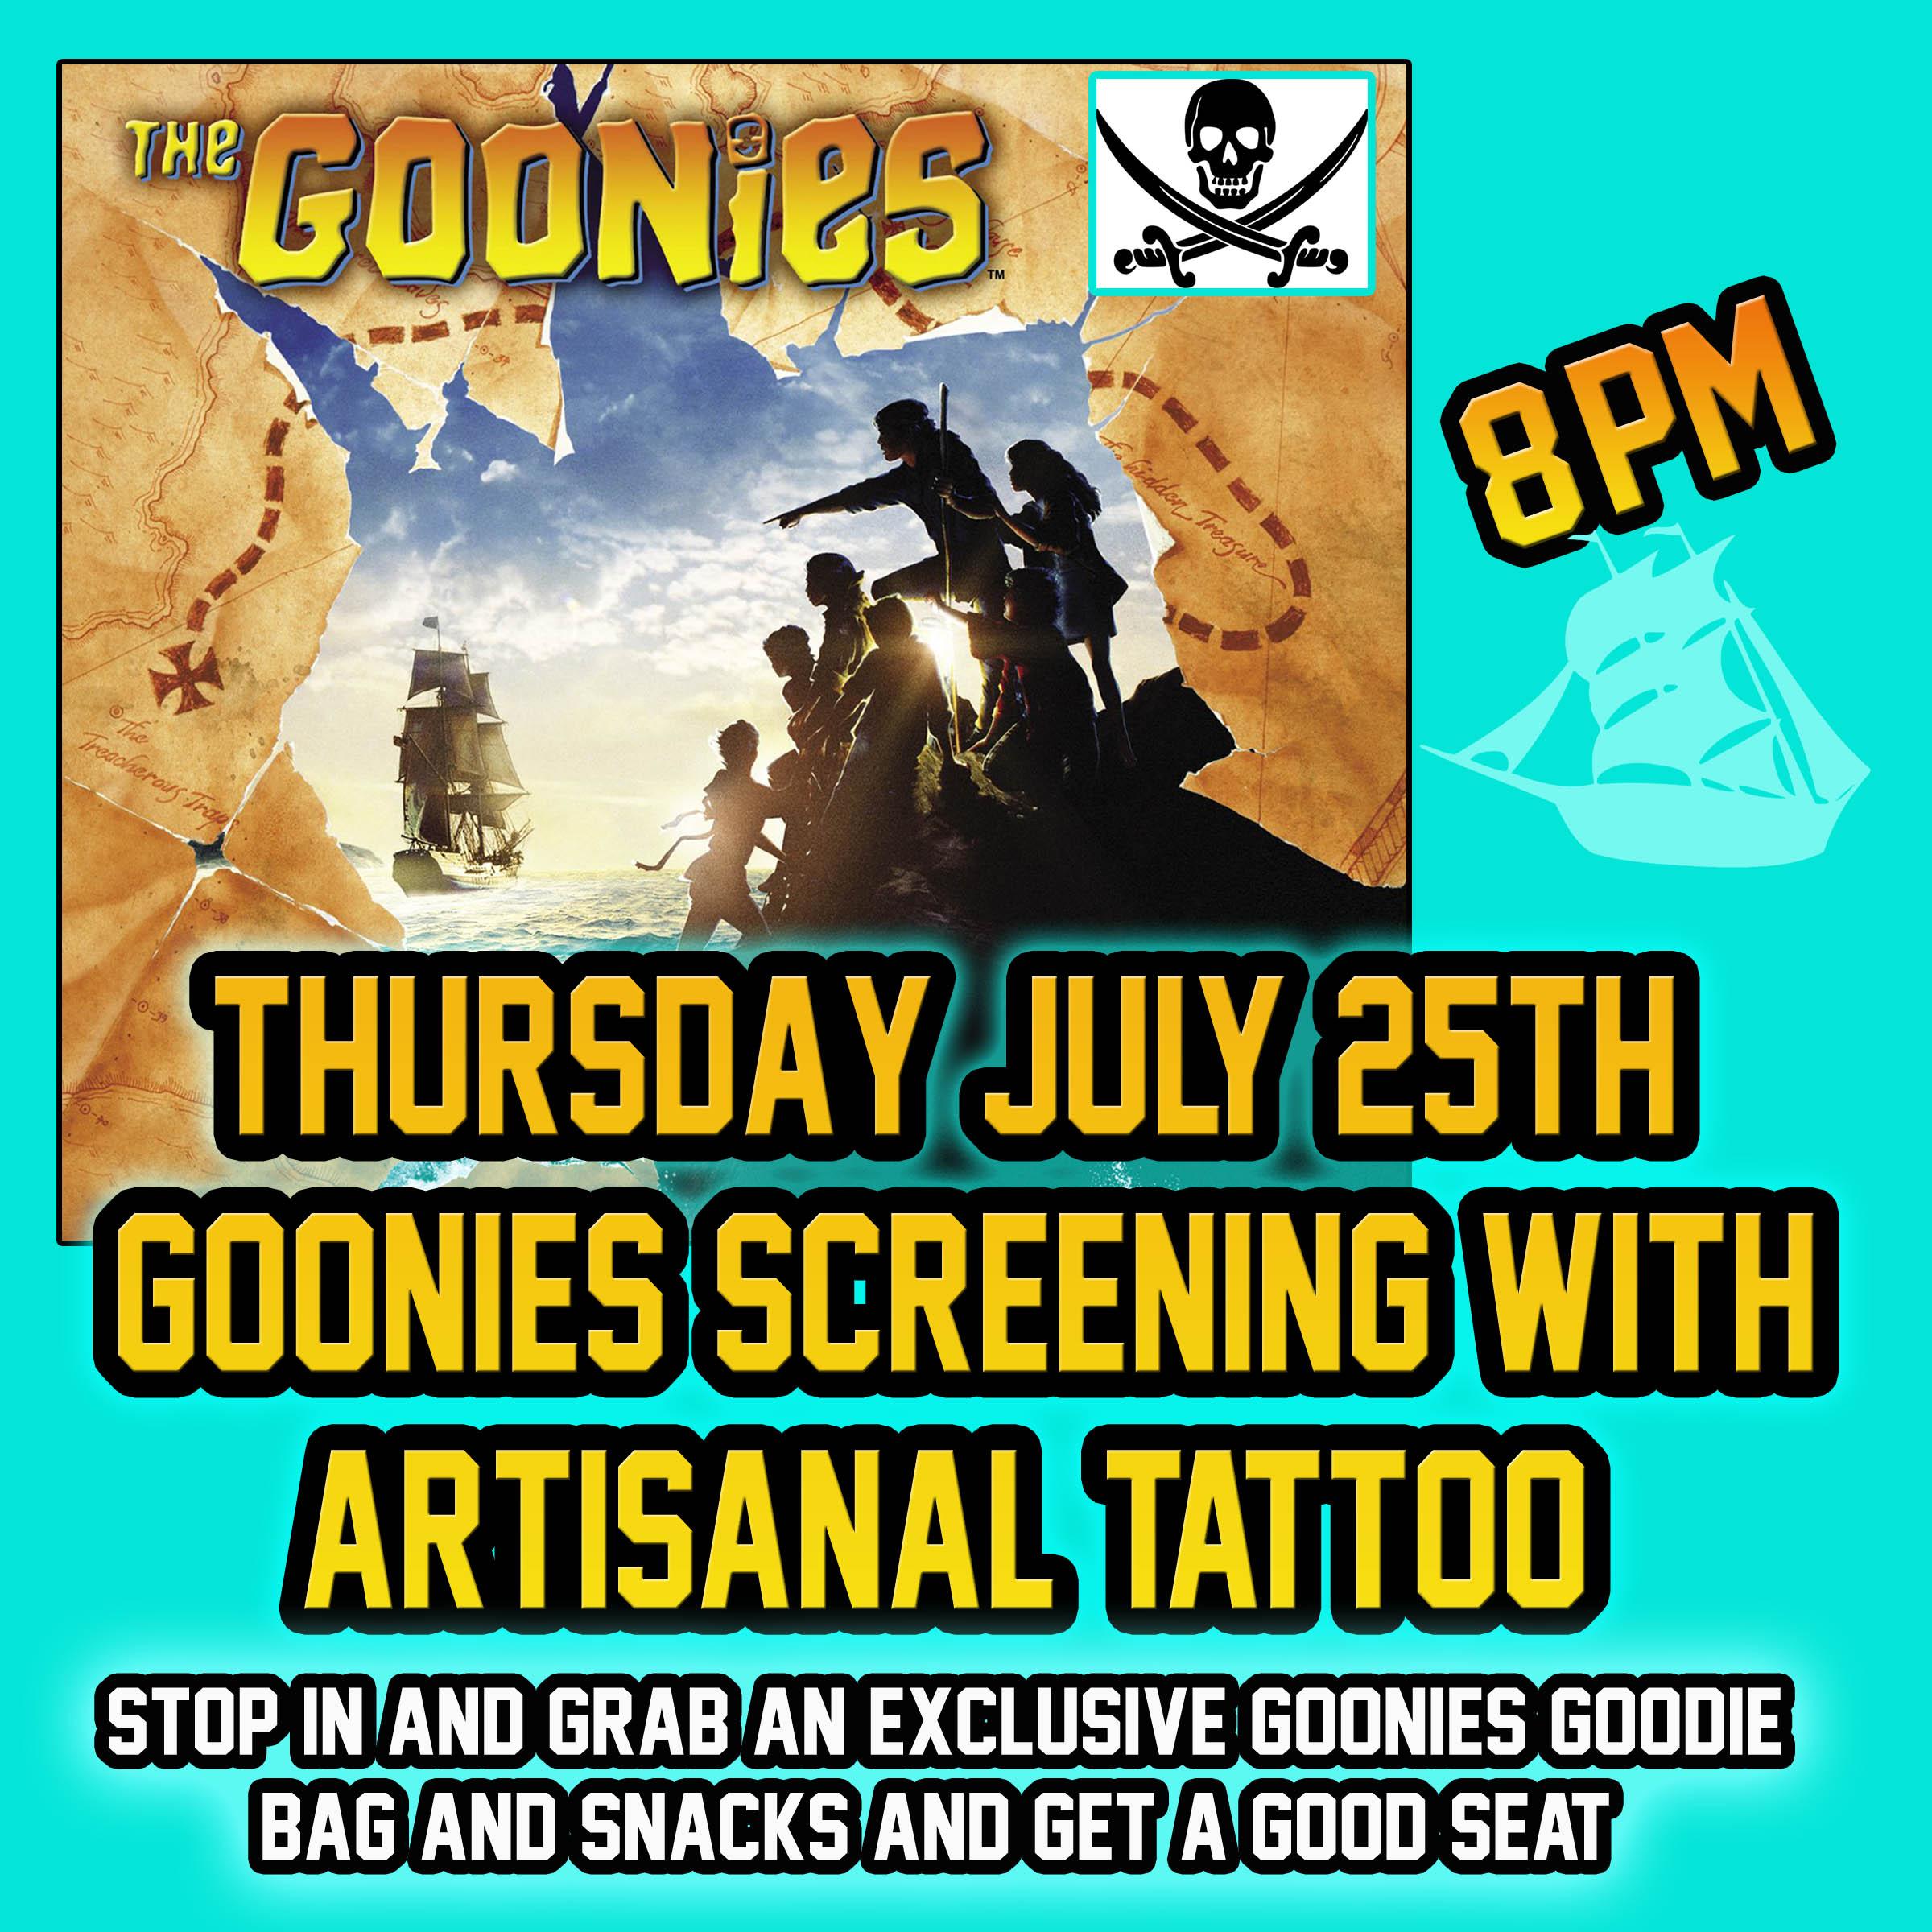 Goonies_promo copy.jpg